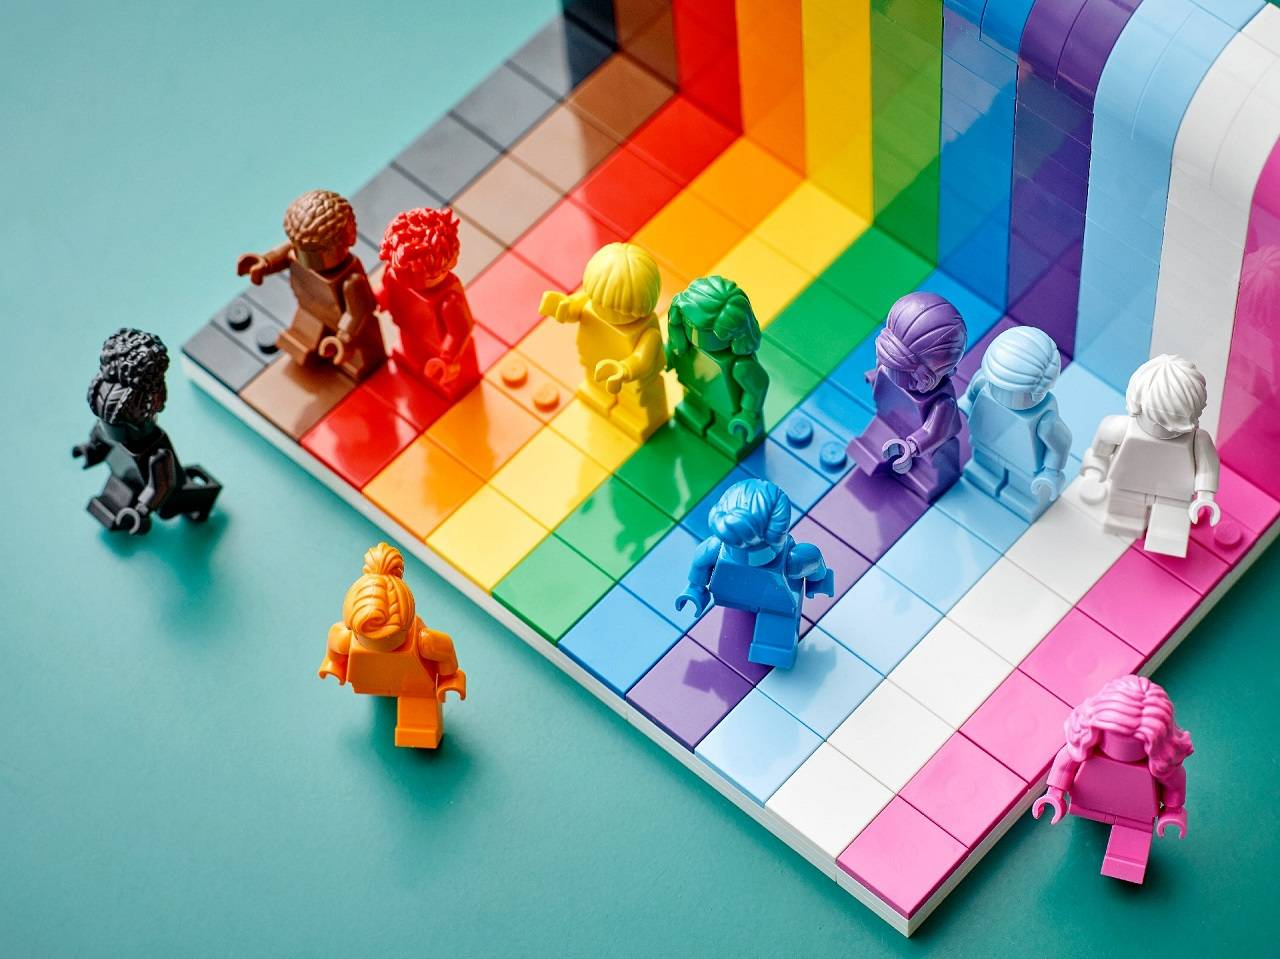 Set de LEGO Comunidad LGBT Mes del Orgullo LGBT